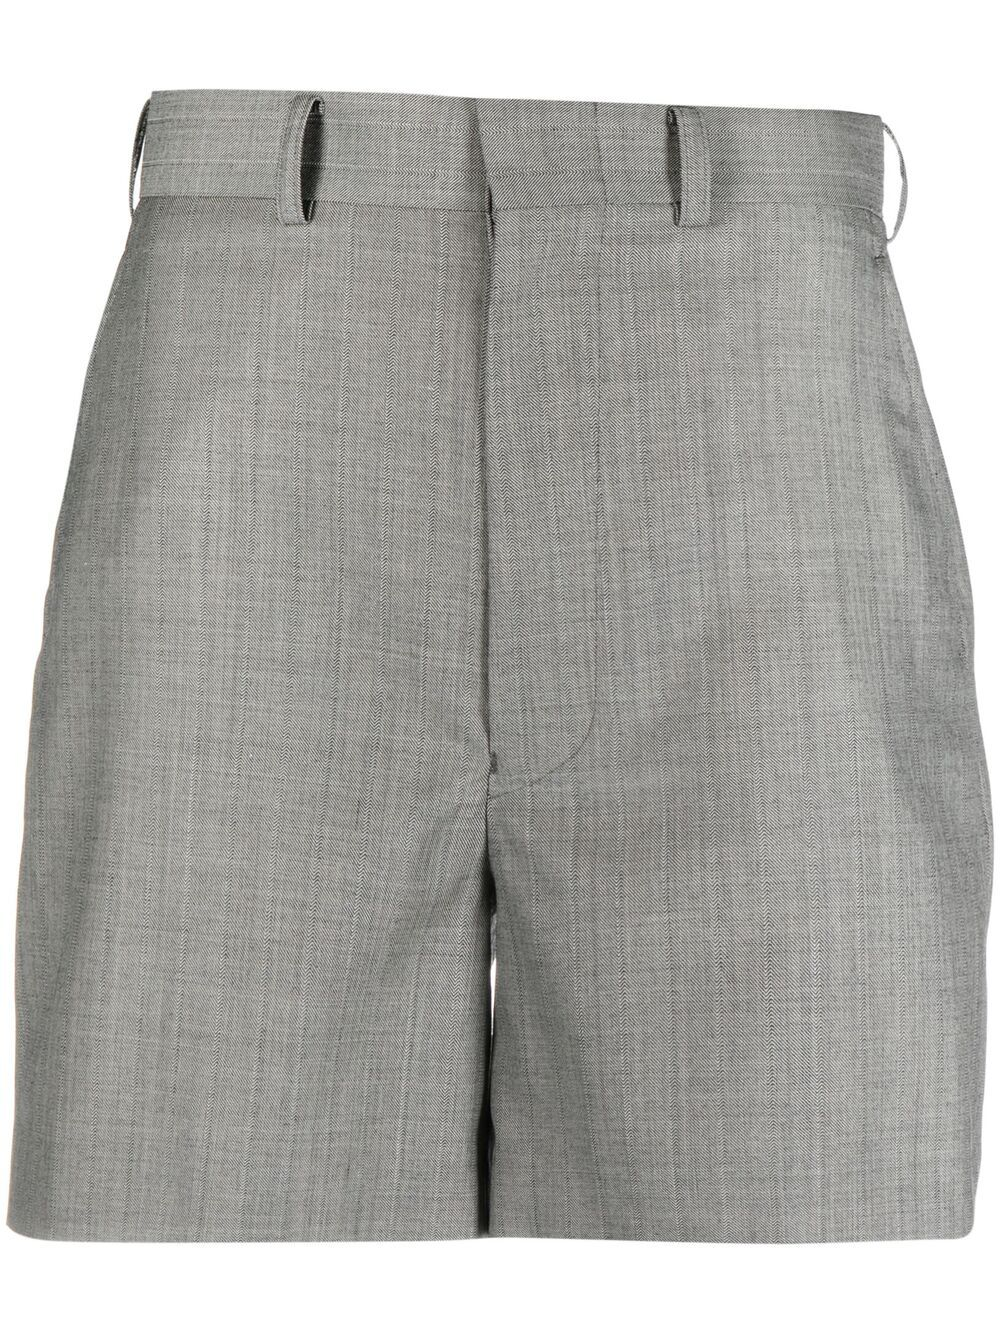 JUNYA WATANABE   Shorts   JG-P003-0511